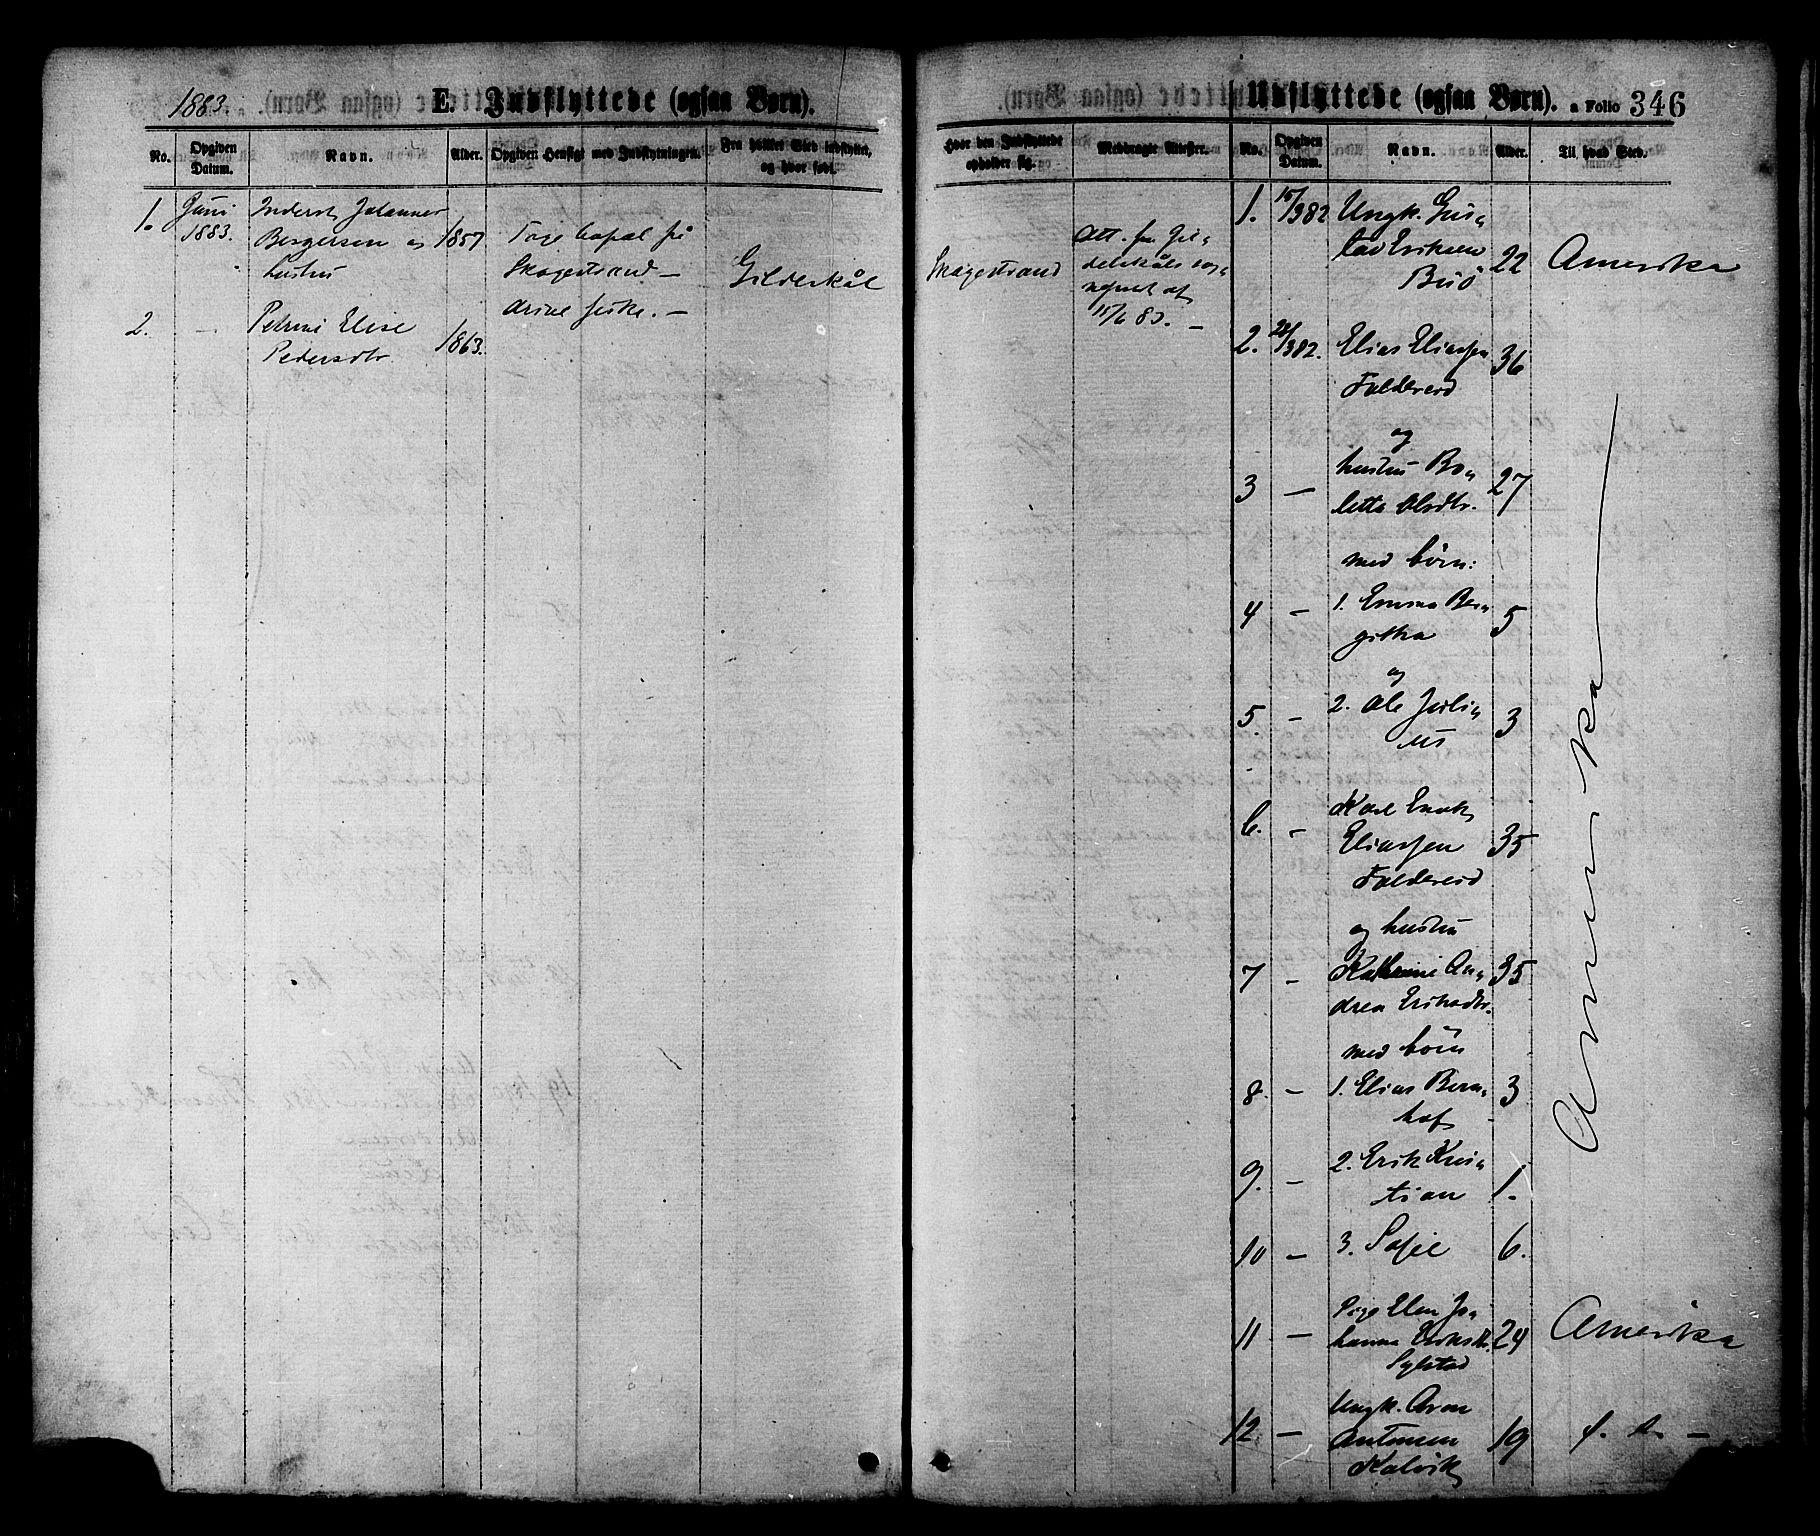 SAT, Ministerialprotokoller, klokkerbøker og fødselsregistre - Nord-Trøndelag, 780/L0642: Ministerialbok nr. 780A07 /1, 1874-1885, s. 346